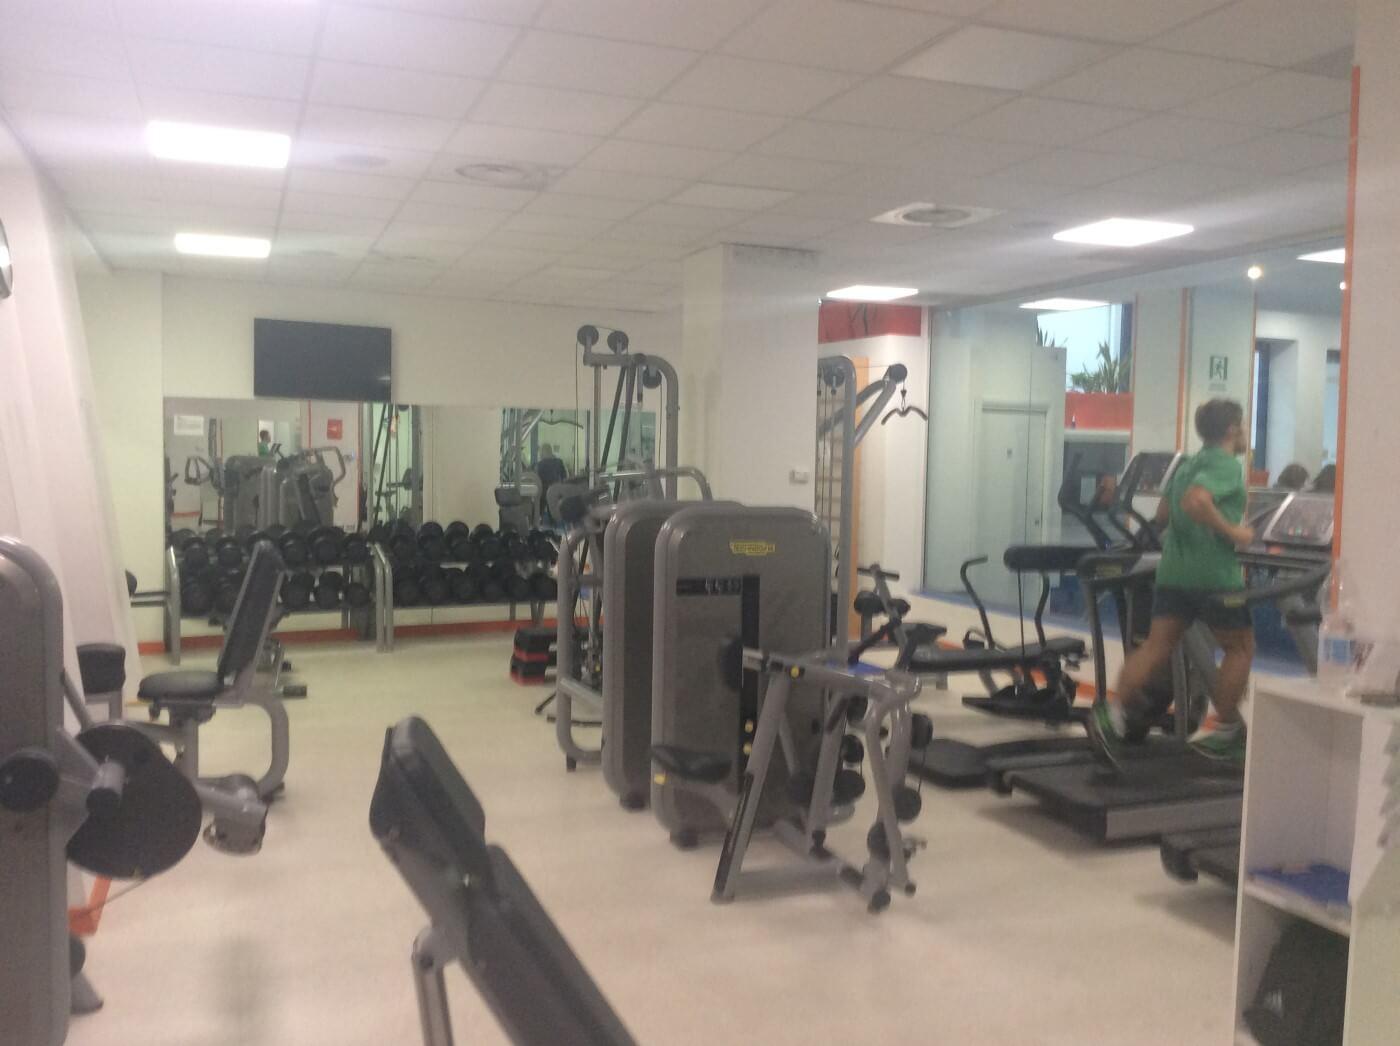 Macchine e attrezzature per il fitness nella palestra a Roma